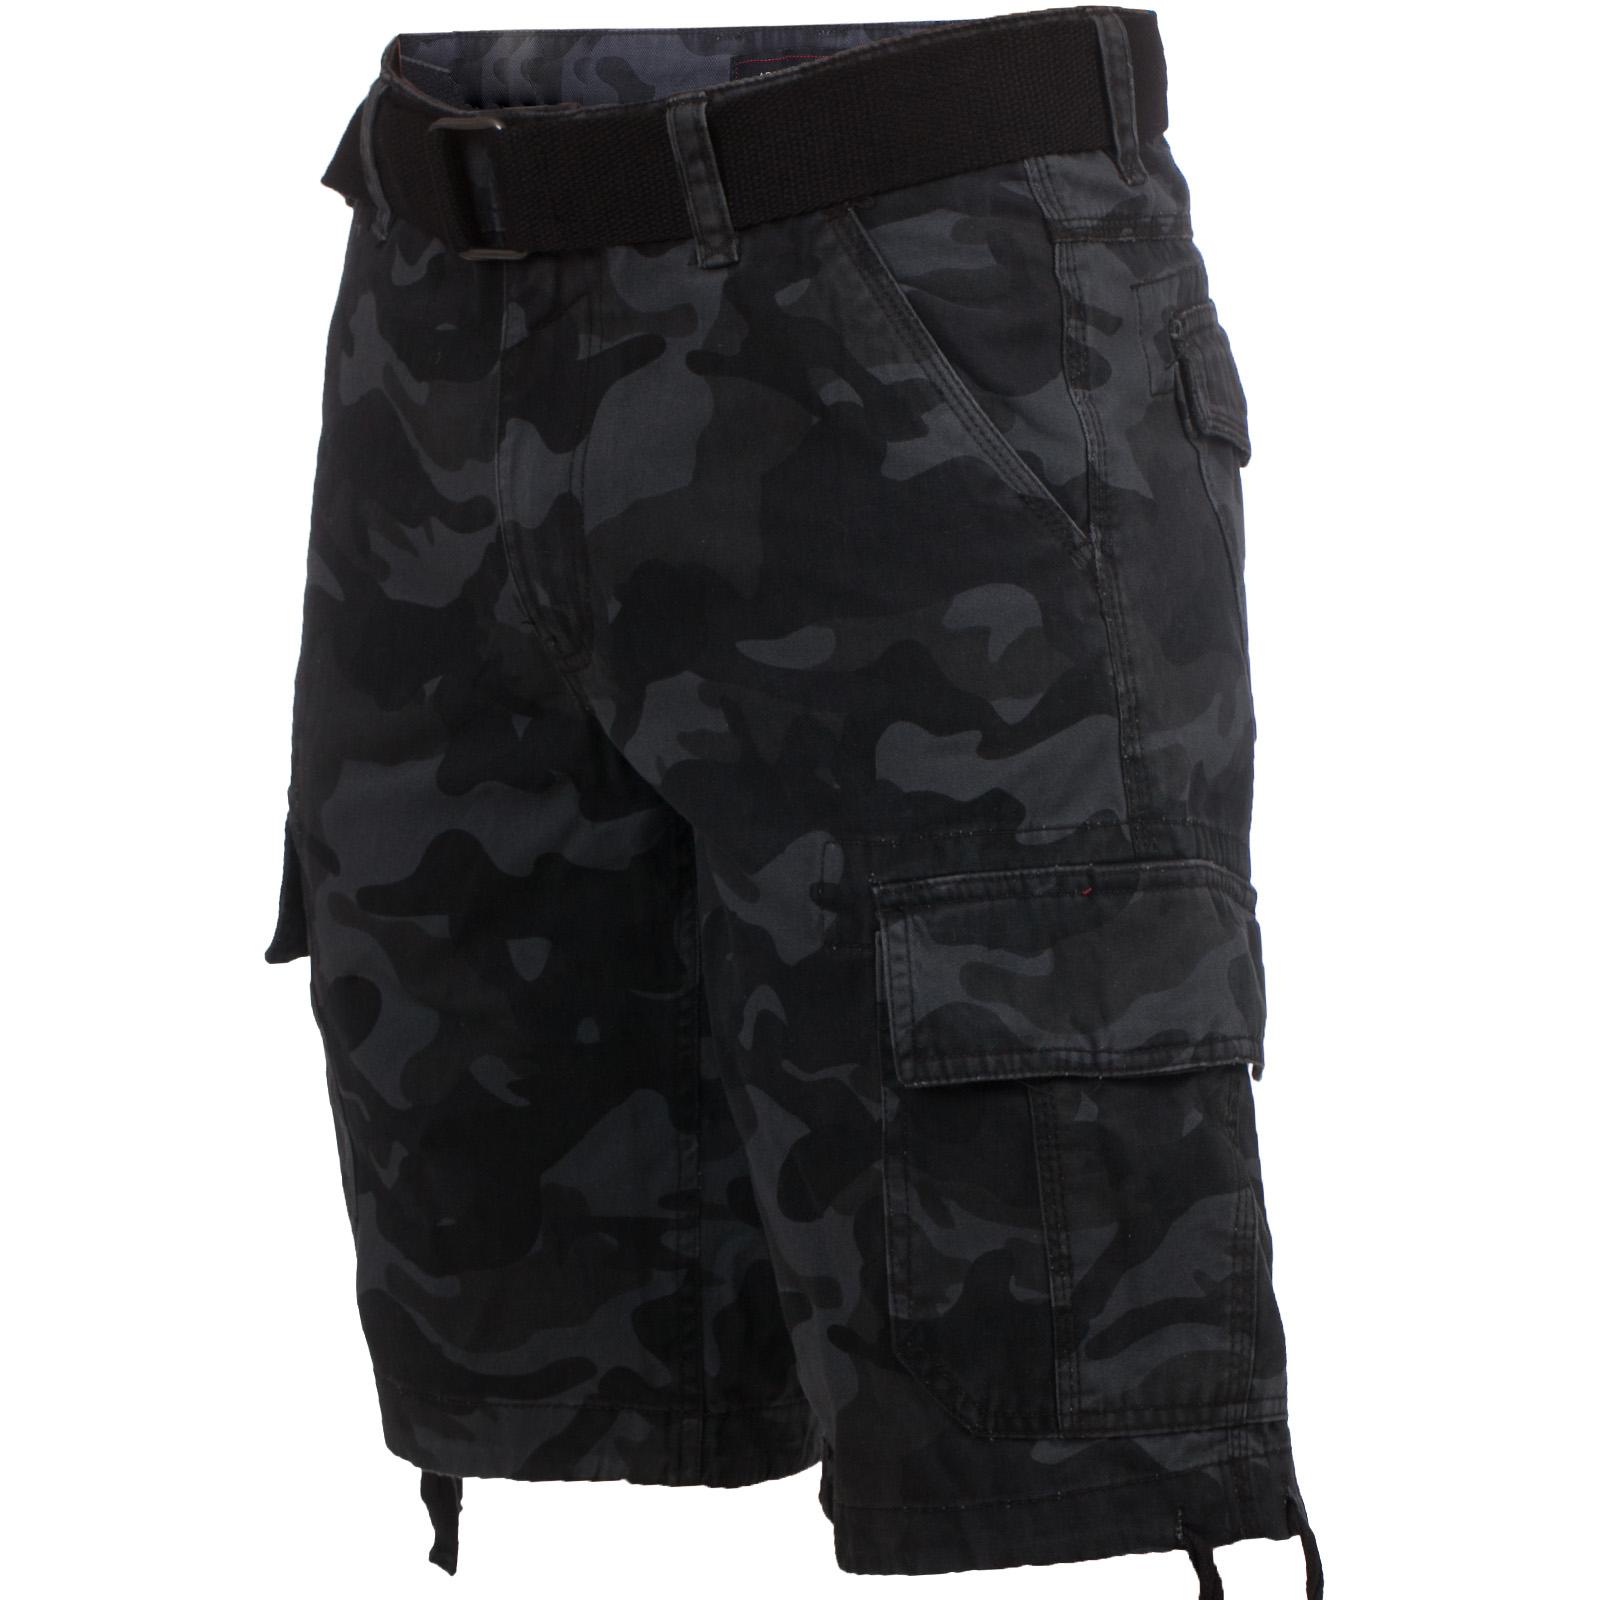 Одежда военной расцветки со скидками